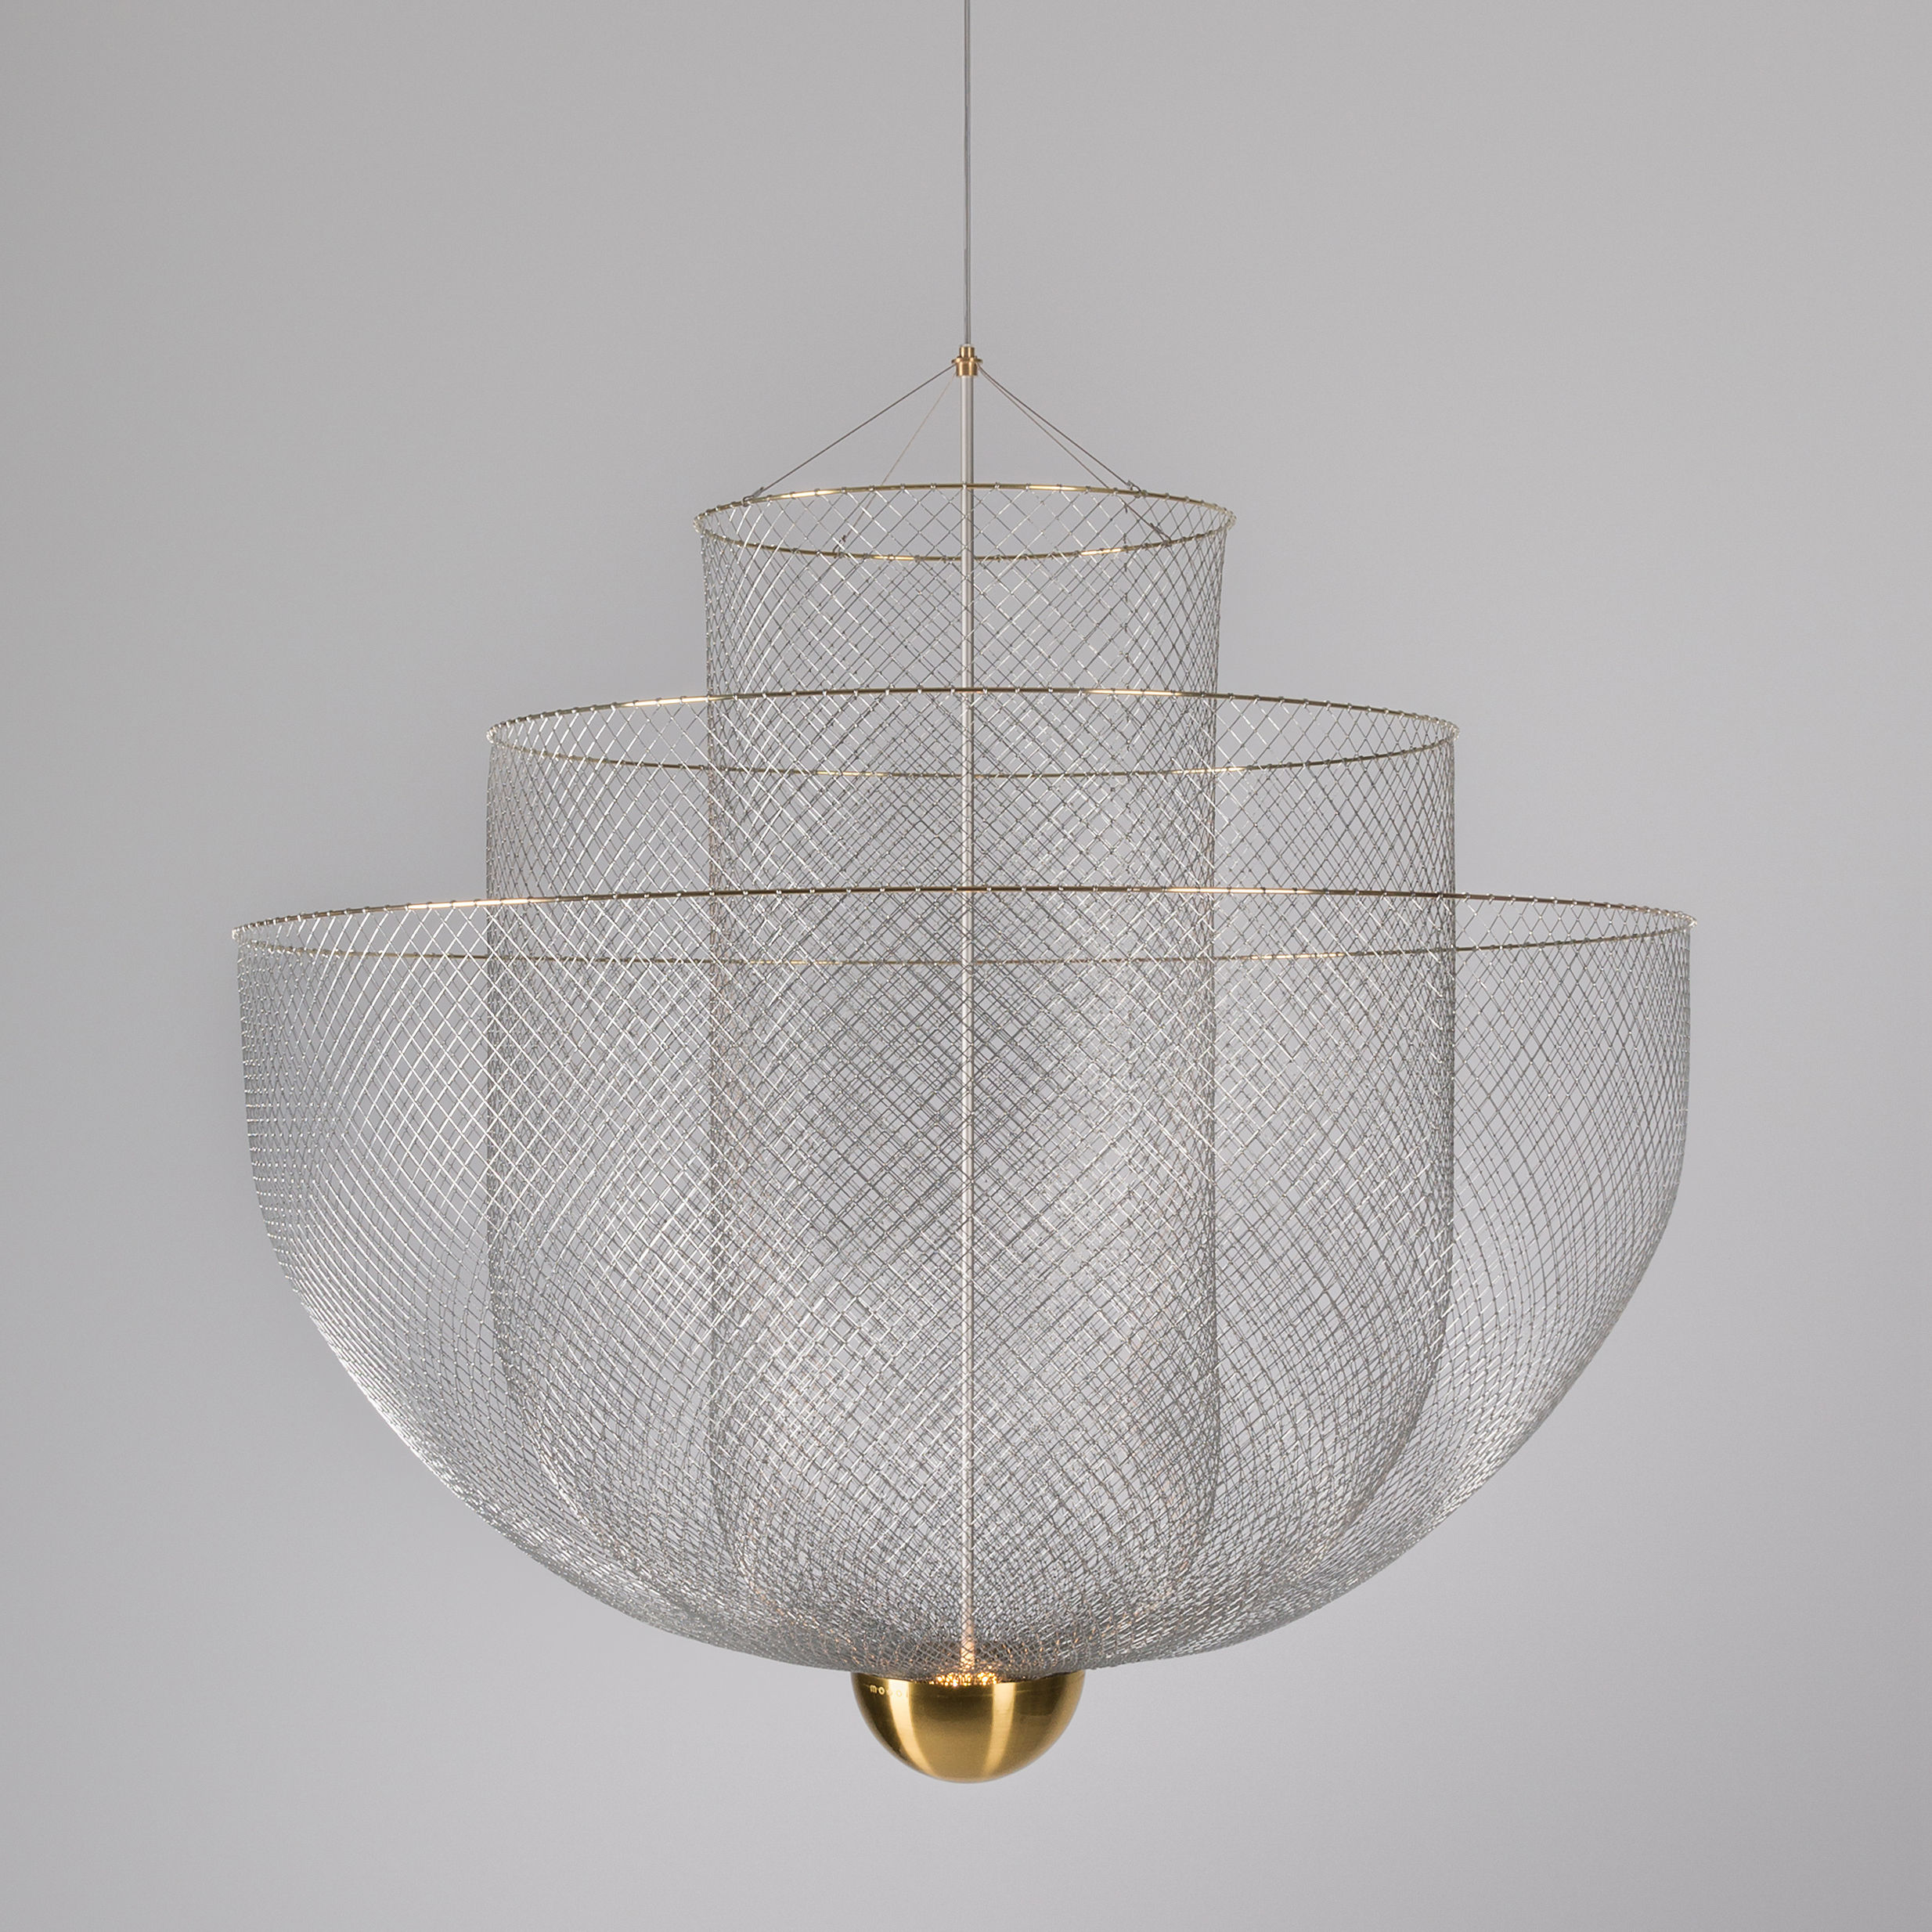 Luminaire - Suspensions - Suspension Meshmatics LED / Ø 90 cm - Grillage d'acier - Moooi - Acier & laiton - Grillage d'acier galvanisé, Laiton